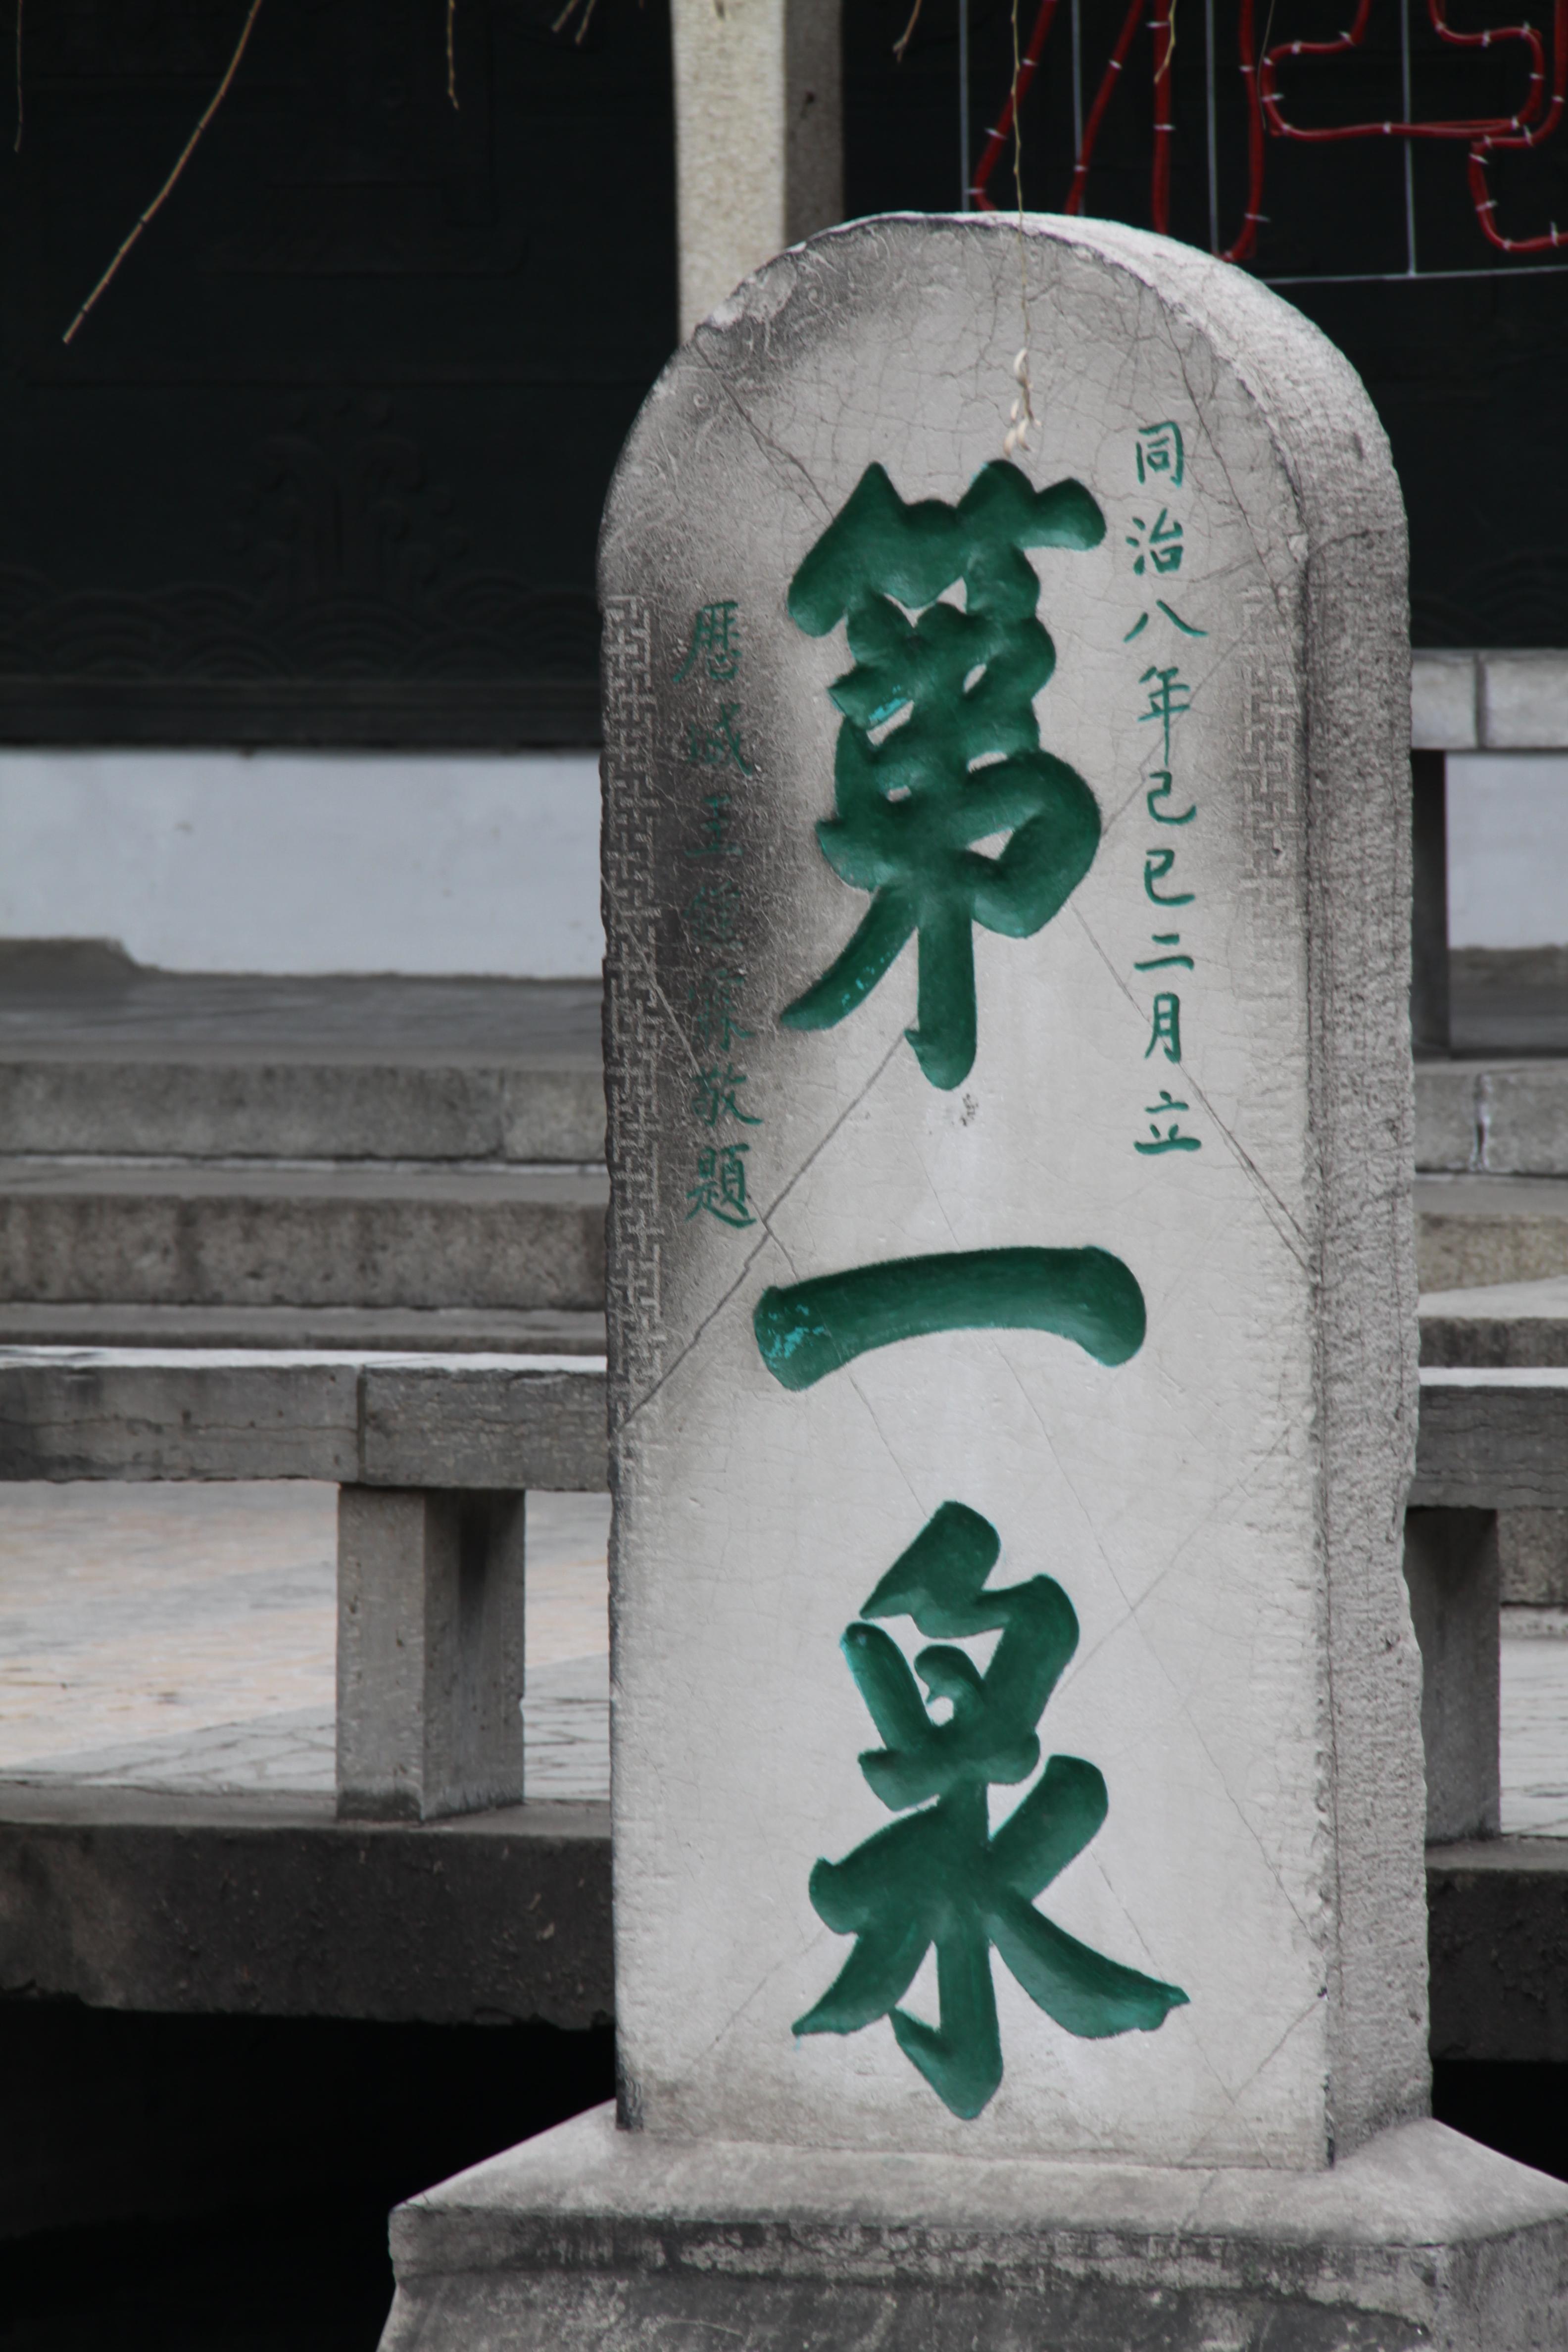 趵突泉公园位于济南市中心繁华地段,南倚千佛山,北靠大明湖景区,东与泉城广场连接,是以泉水为主题的特色园林,而园中最出名的当属被誉为天下第一泉的趵突泉,它位于济南七十二名泉之首,至今已有2000多年的历史。它也曾多次出现在文学作品中,最有代表性的则是老舍笔下的《趵突泉》。而游客来此都是为了一睹趵突泉三股泉水喷发的壮丽景象。 趵突泉是公园中的主景,泉水分三股,澄澈清洌,昼夜喷涌,水盛时高达数尺。泉的四周有大块砌石,环以扶栏,可在栏边俯视池内三泉喷涌的奇景。泉边立有石碑一块,上题第一泉,其色为墨绿色